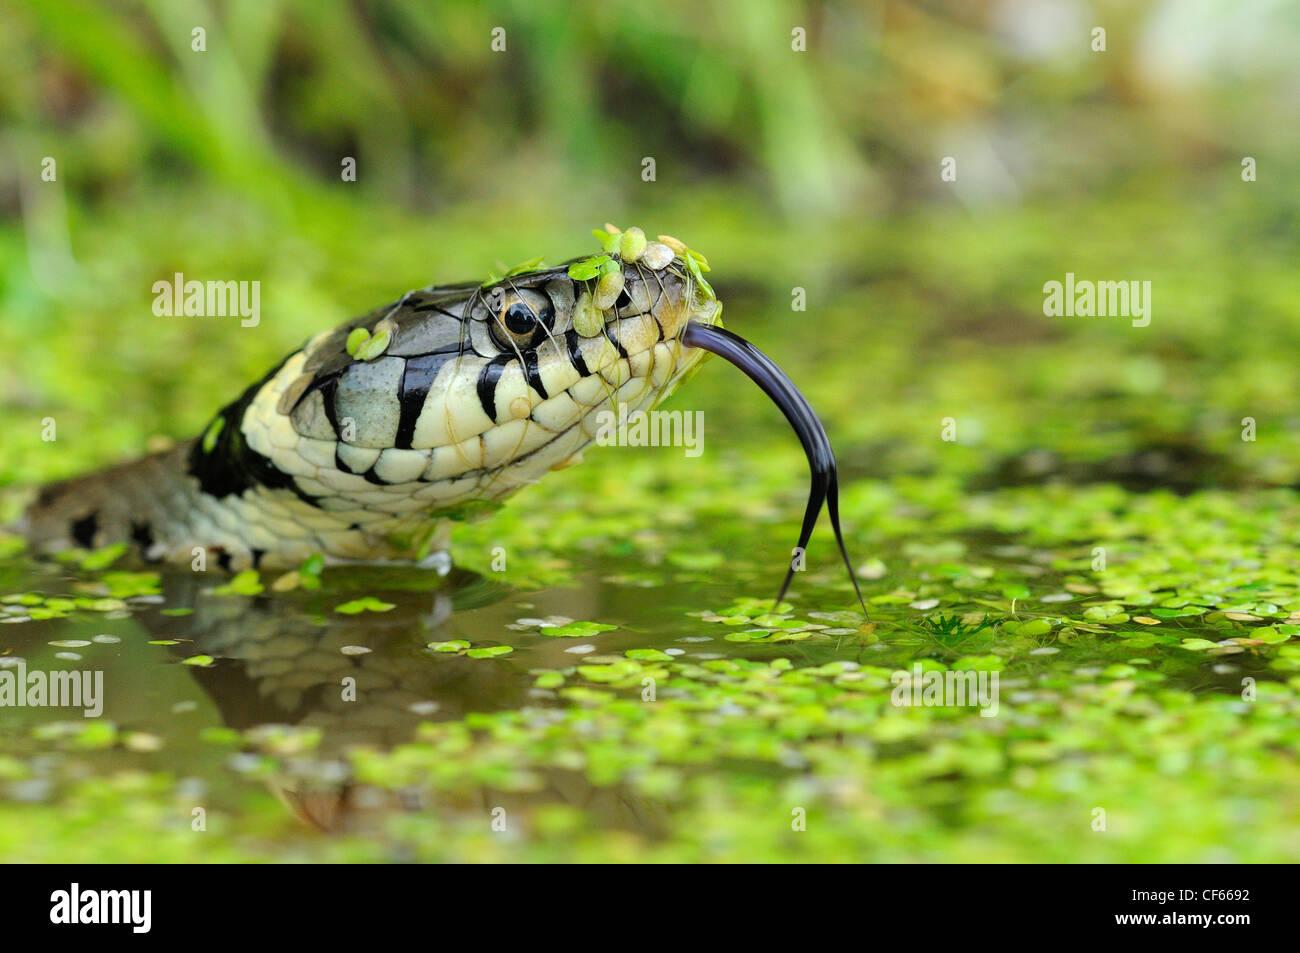 Una Culebra (Natrix natrix) en agua. Imagen De Stock